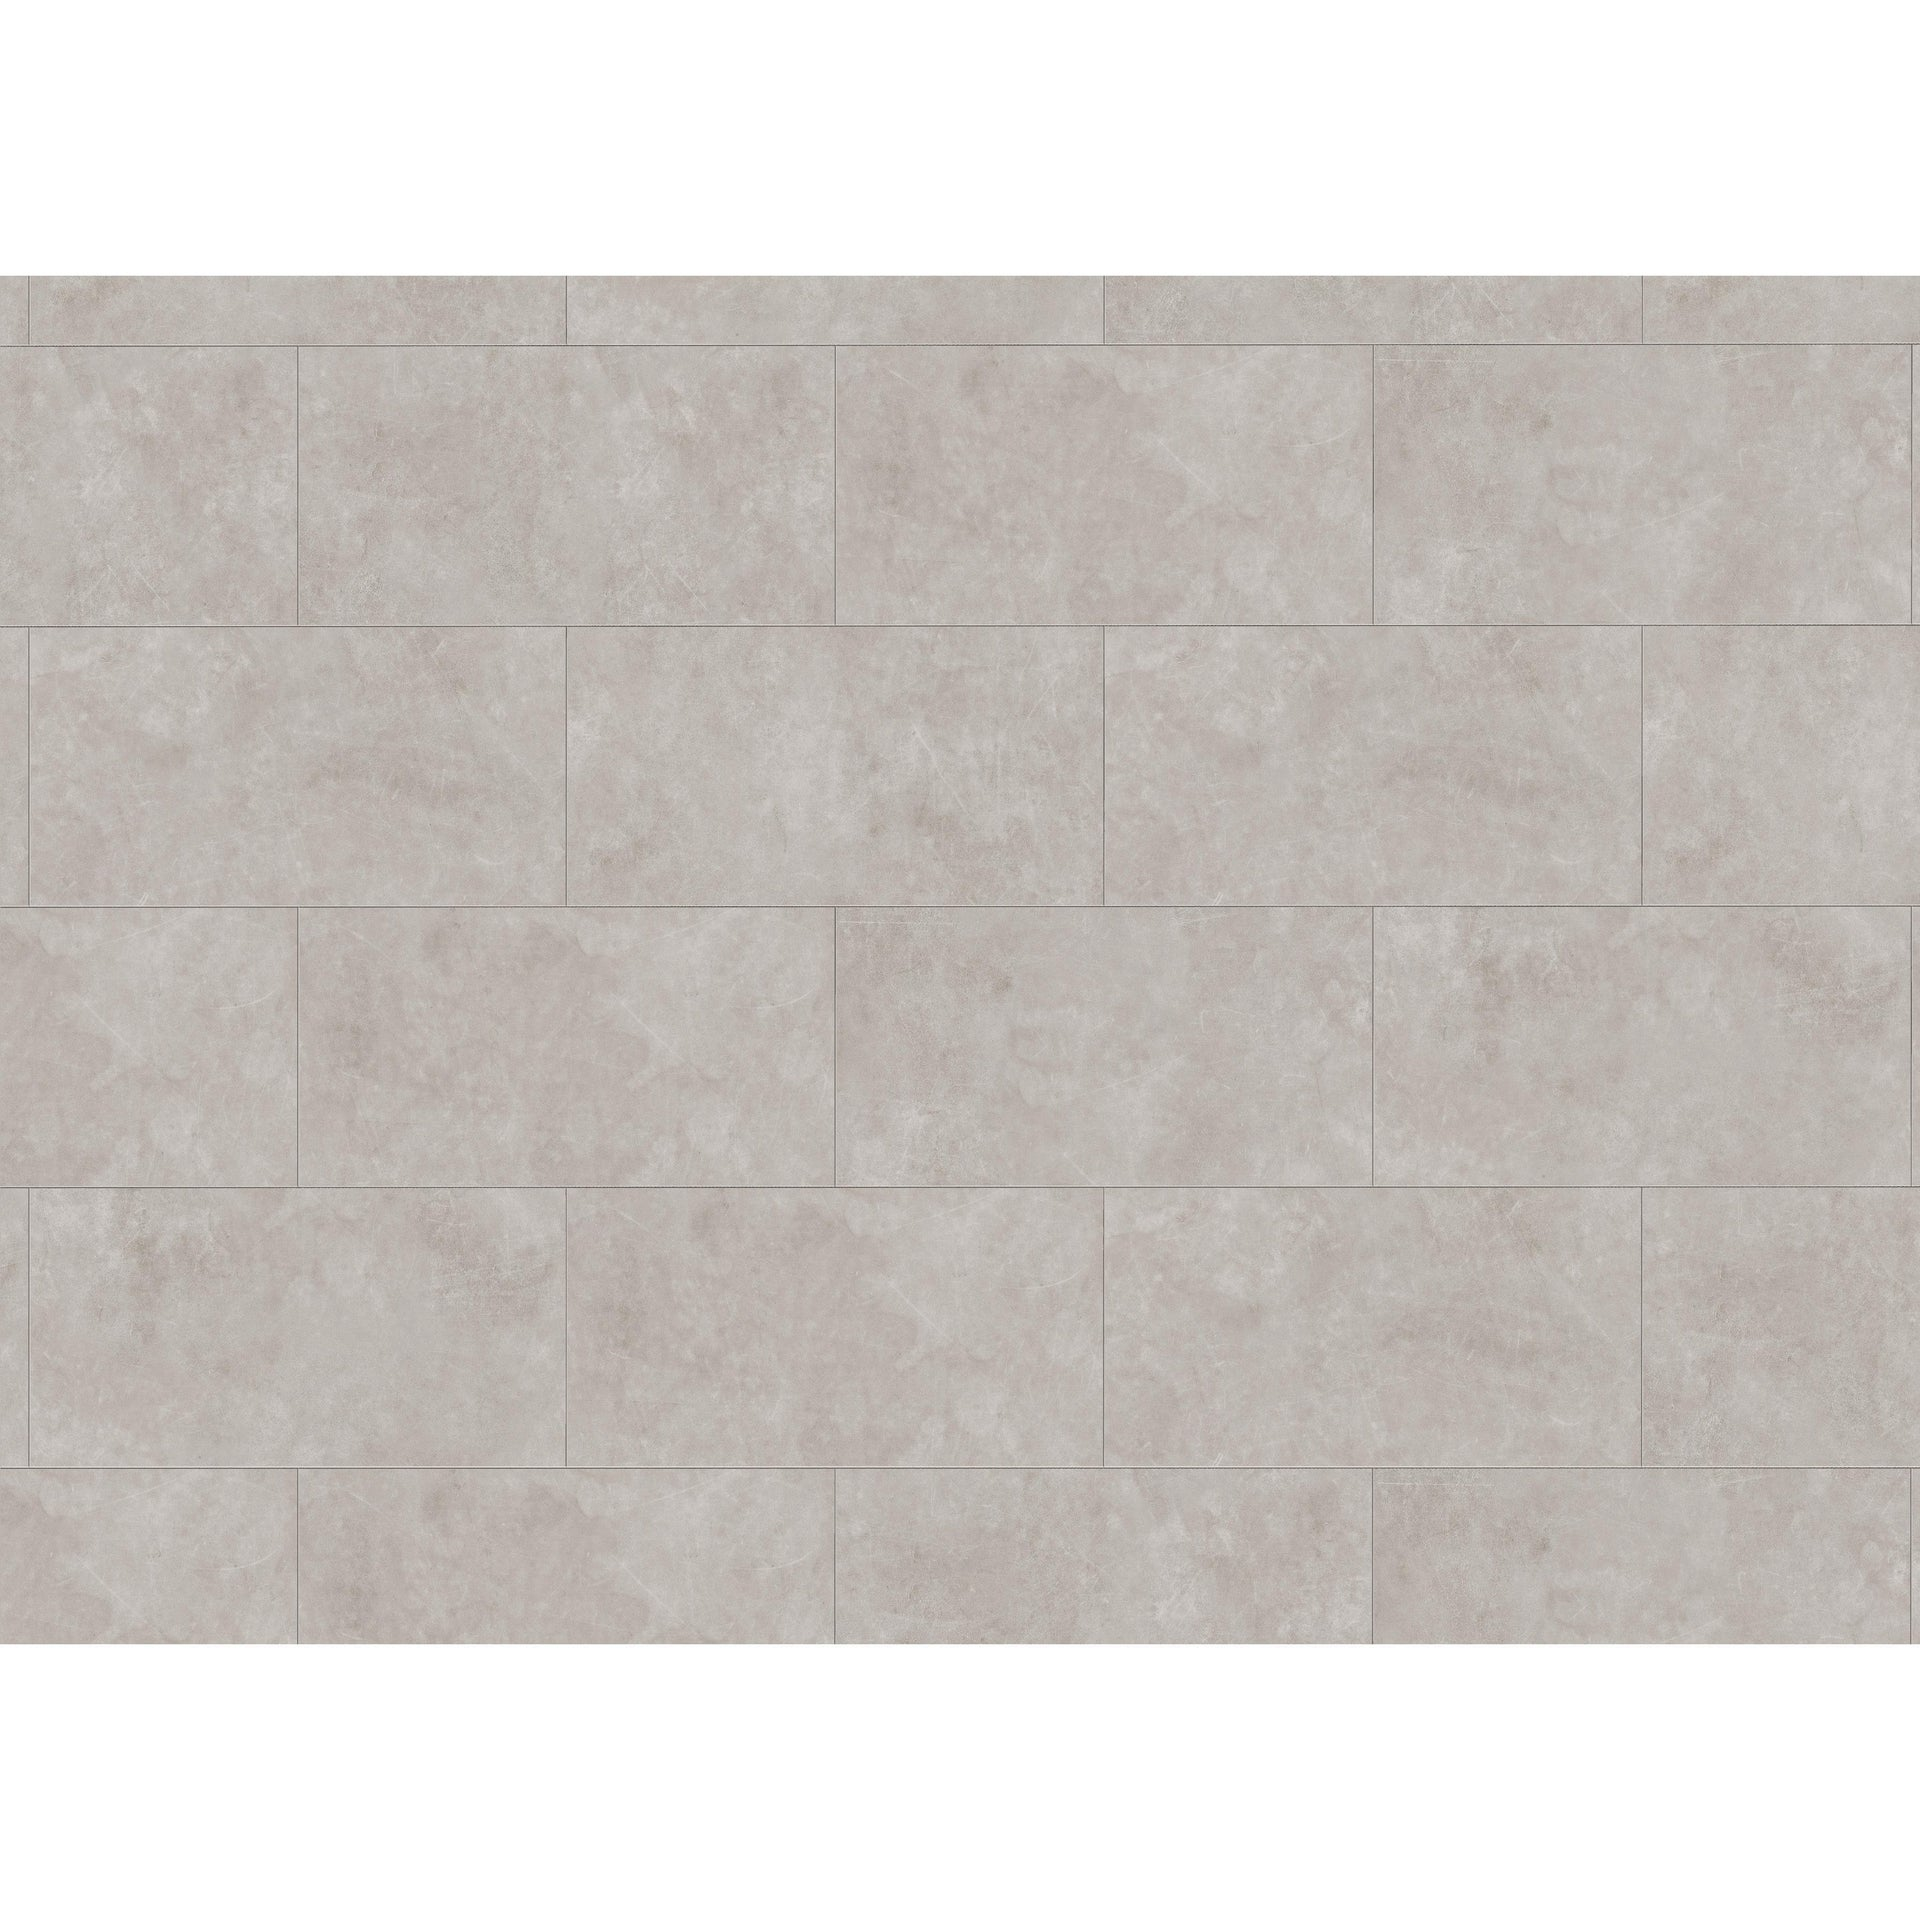 Pavimento SPC flottante clic+ Pietra Nova Salto Sp 4.5 mm bianco - 4